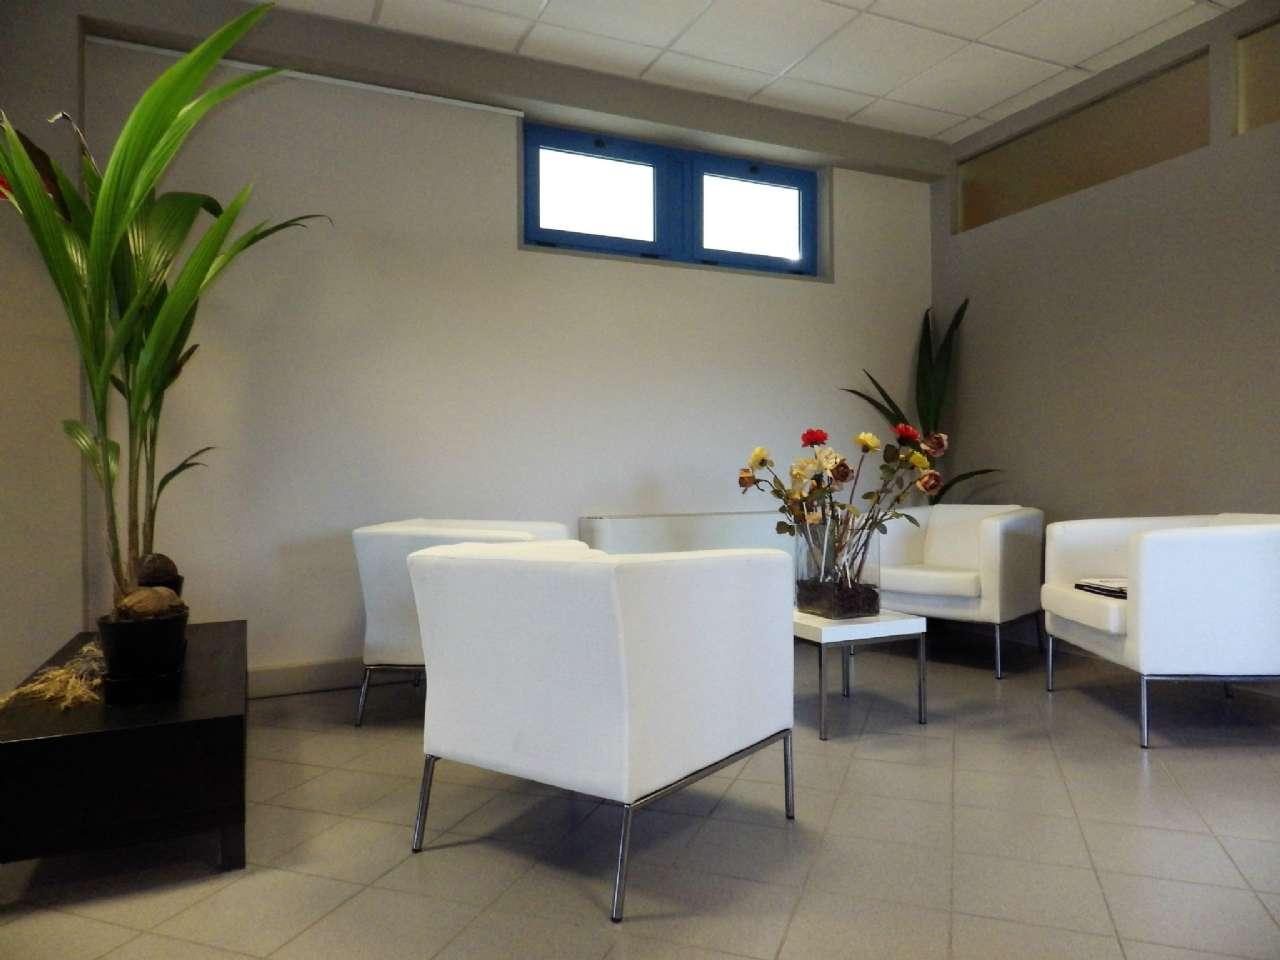 Ufficio / Studio in vendita a Alpignano, 9999 locali, zona Località: Statale, prezzo € 189.000 | CambioCasa.it